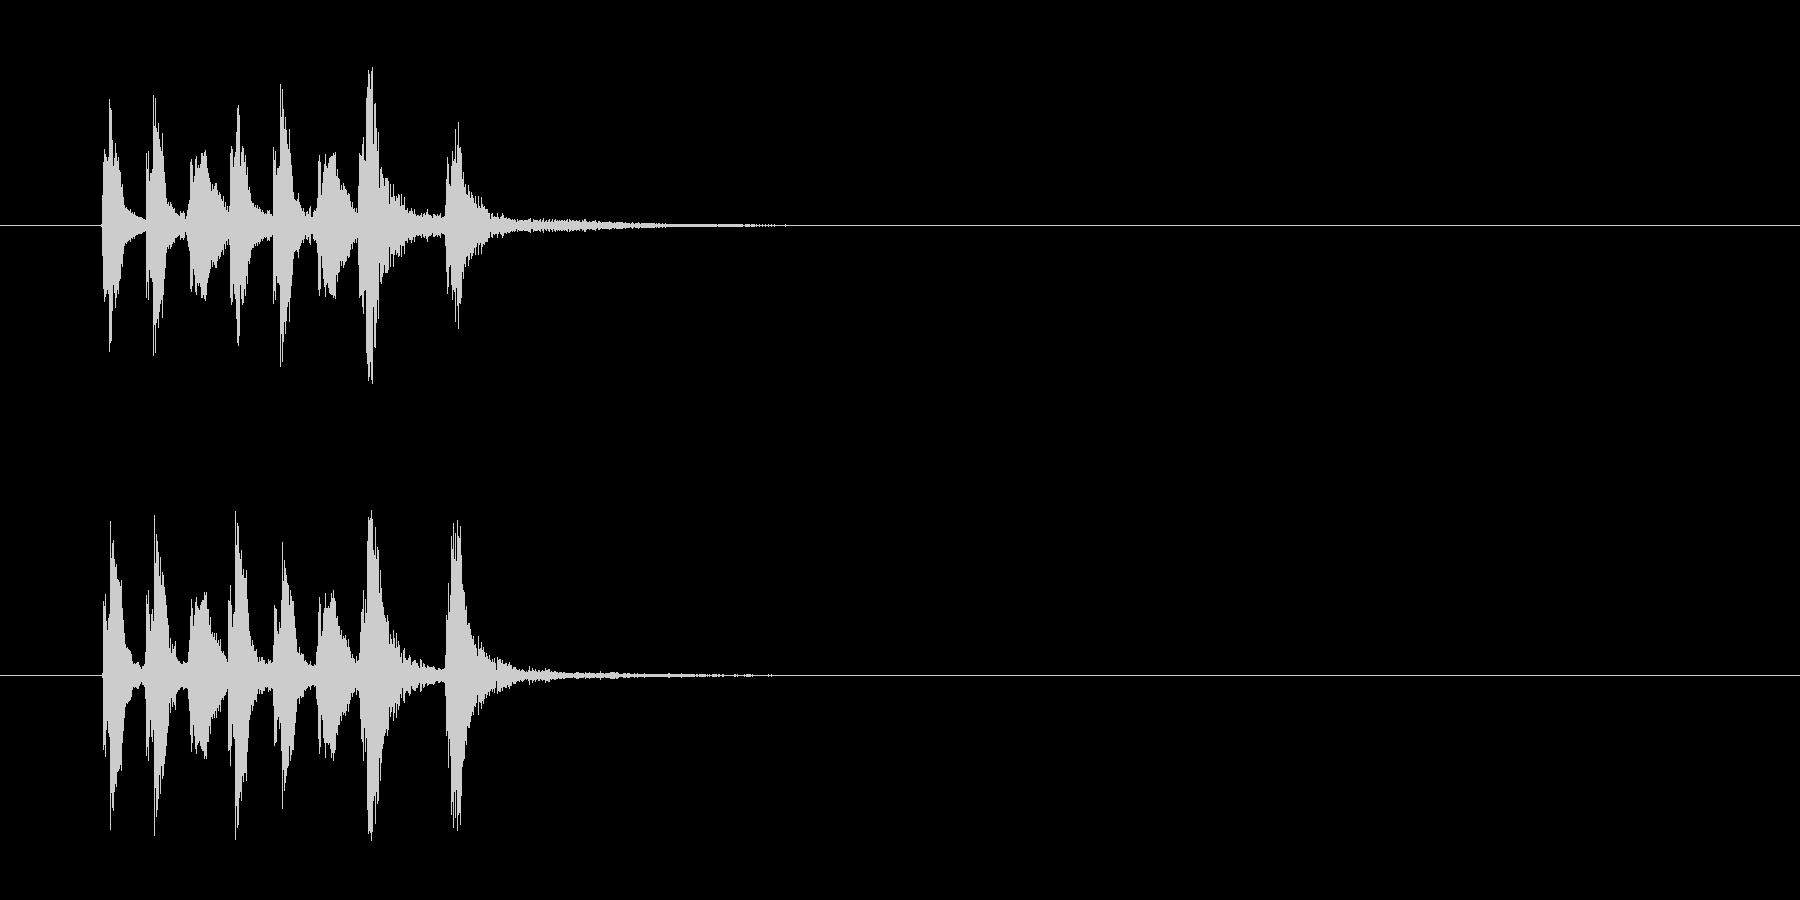 コーナー・エンド風セミクラのジングルの未再生の波形